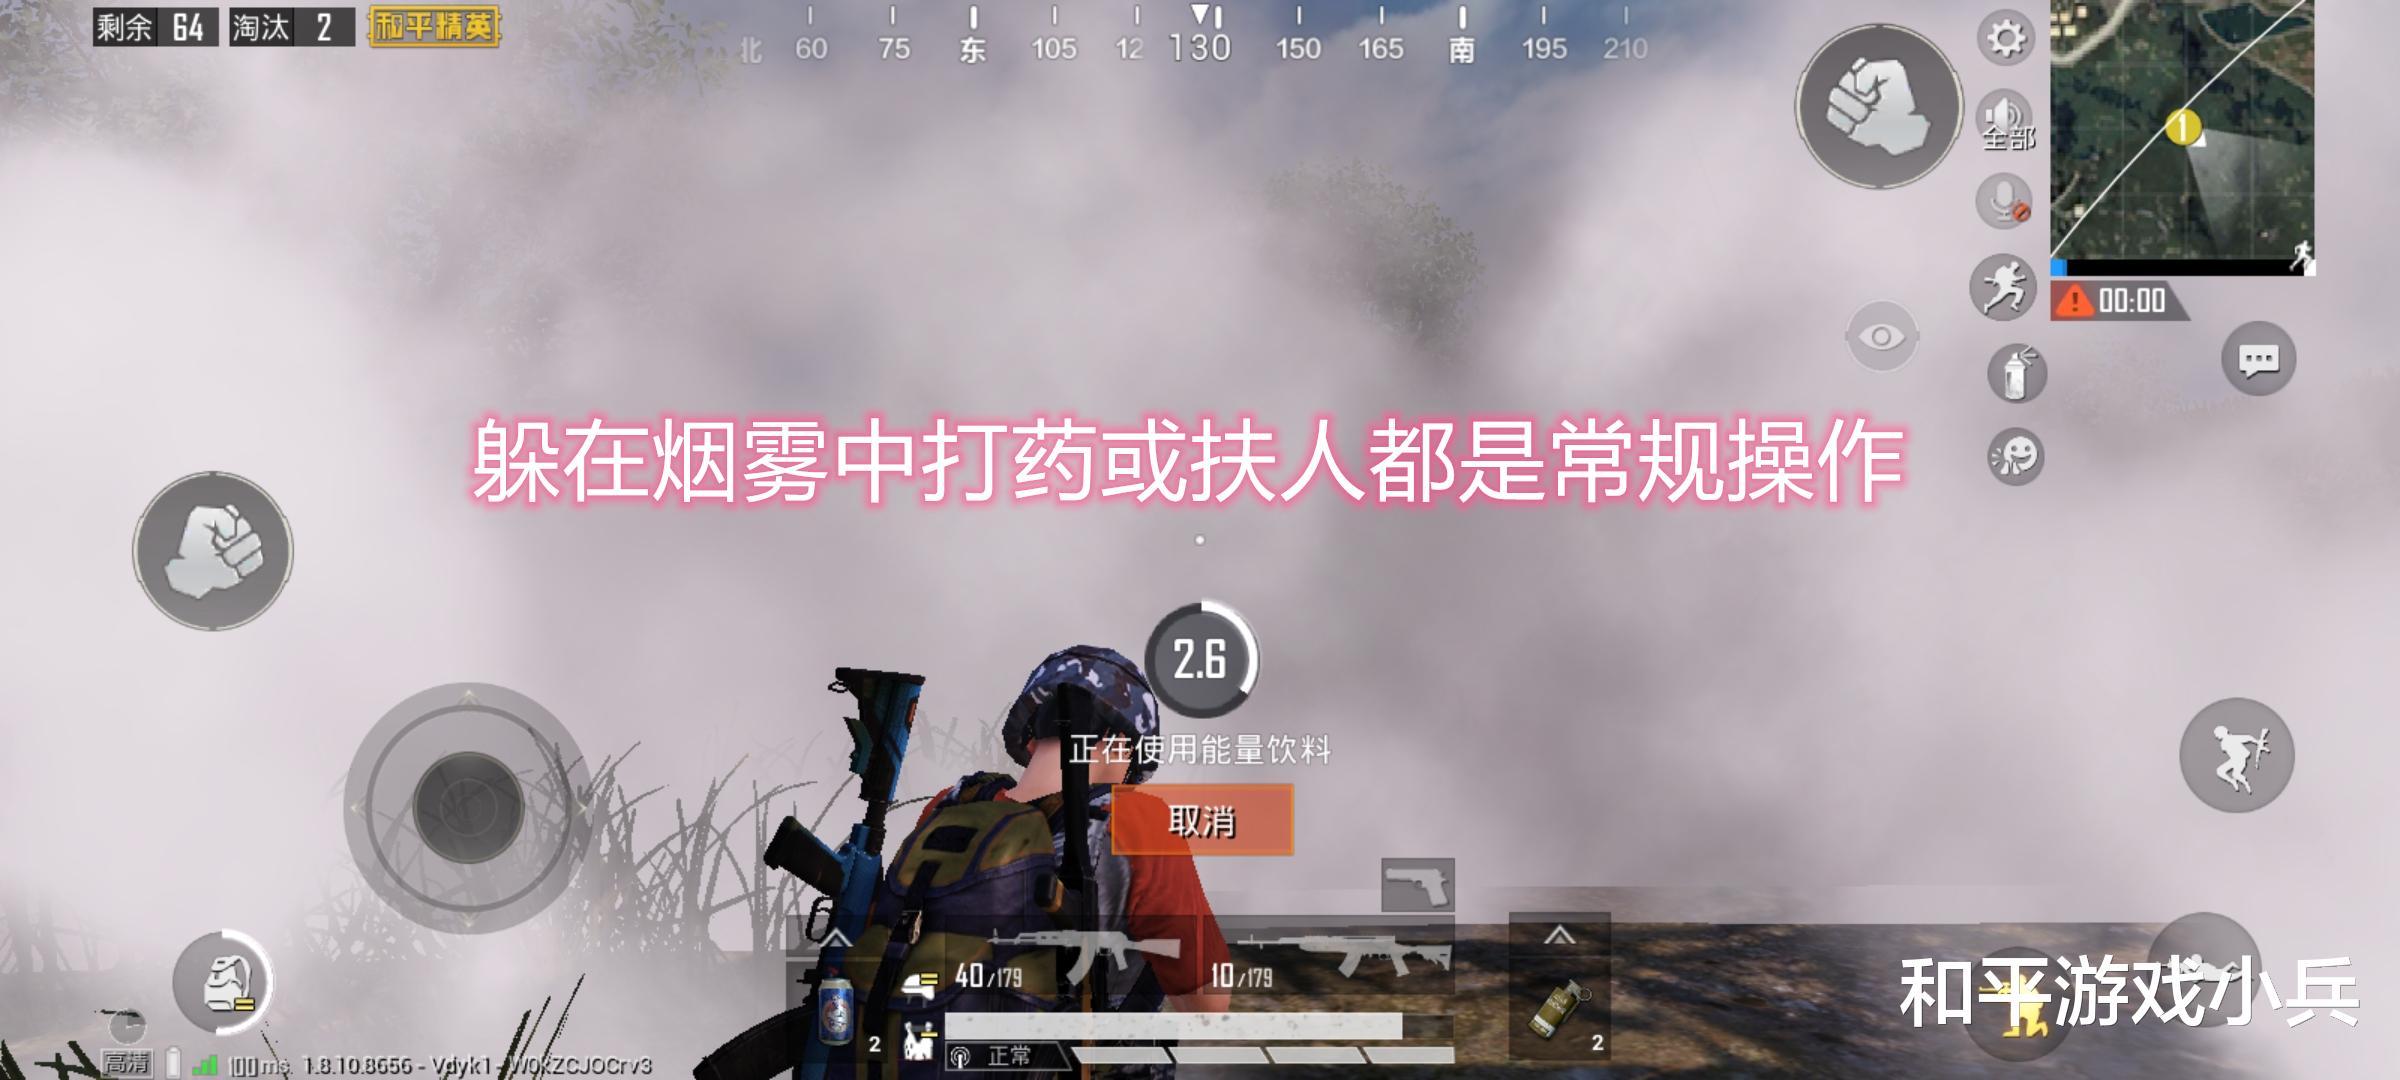 《【合盈国际官网】和平精英烟雾弹使用技巧,既可强攻又可救援,另有3种待解锁用途》